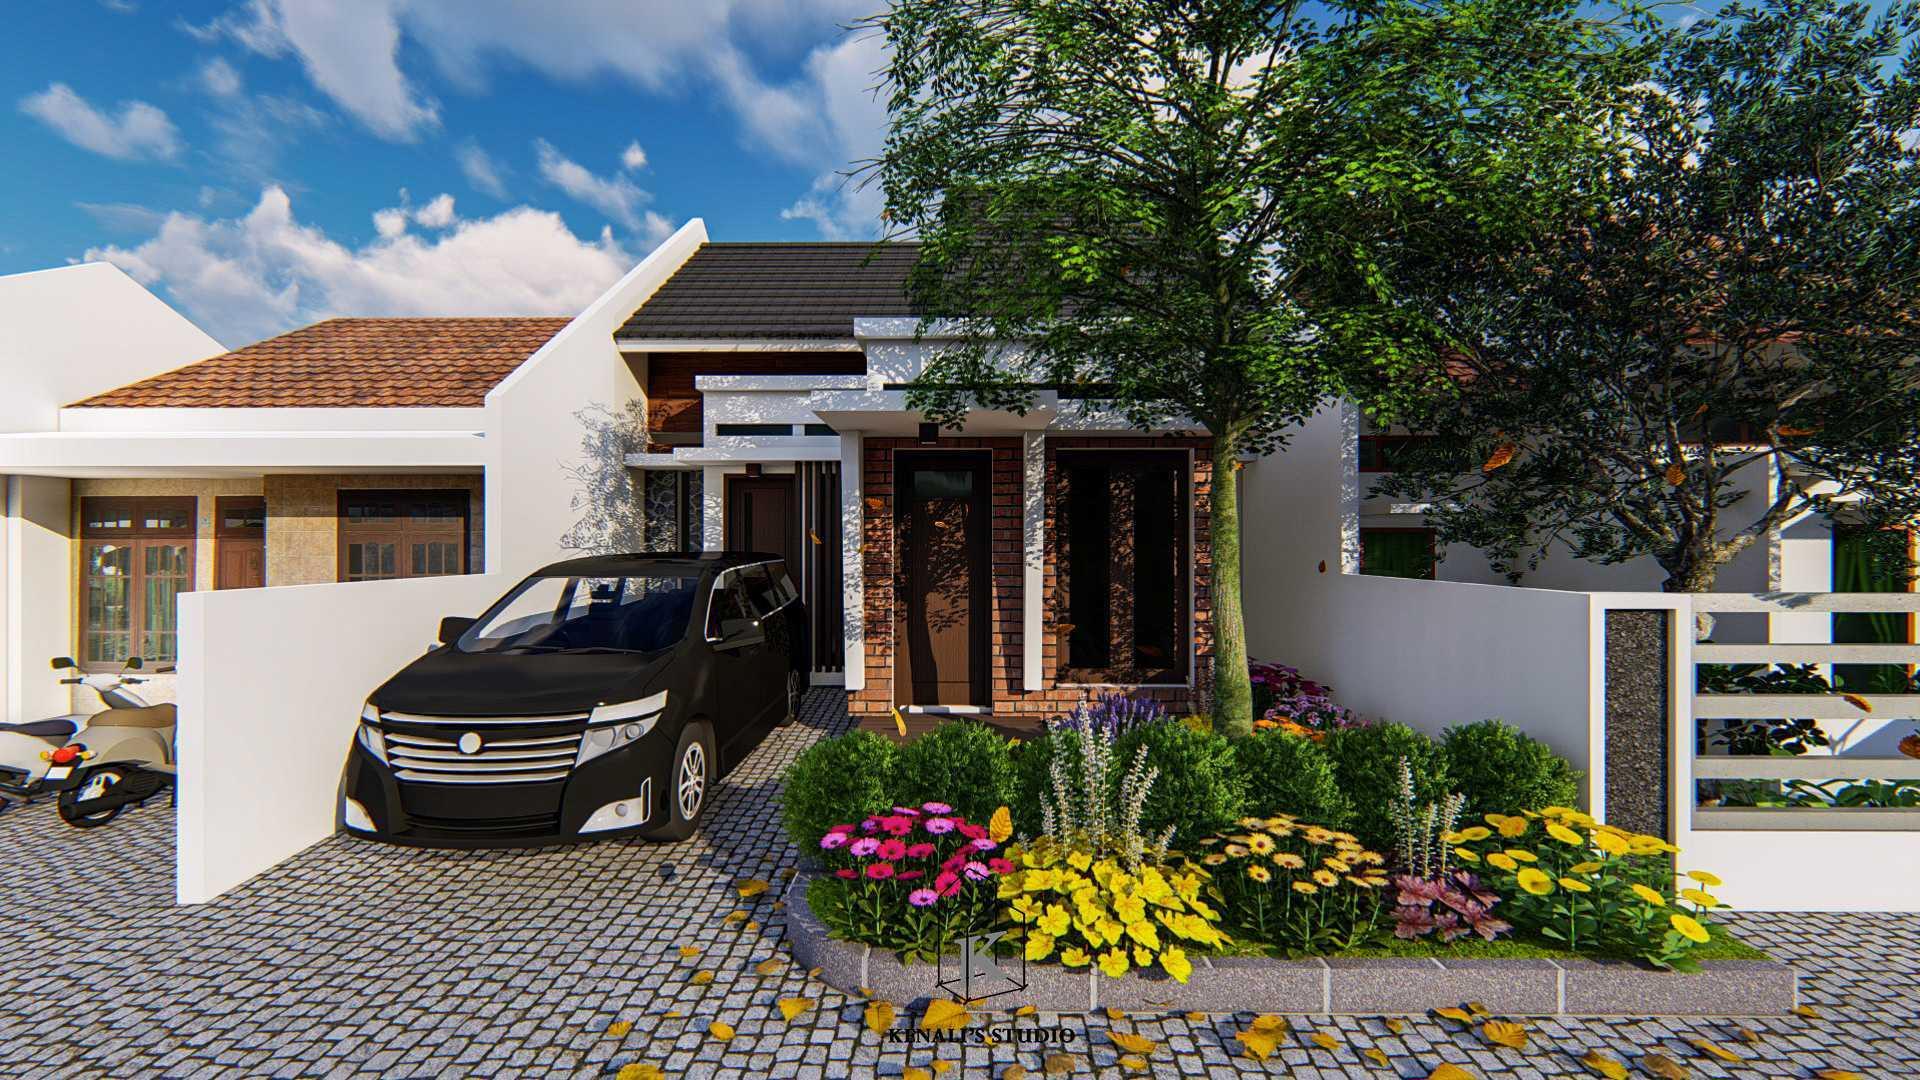 """Kenali's Studio """"folksy"""" Dh - House Kabupaten Demak, Jawa Tengah, Indonesia Kabupaten Demak, Jawa Tengah, Indonesia Kenalis-Studio-Folksy-Dh-House   66951"""